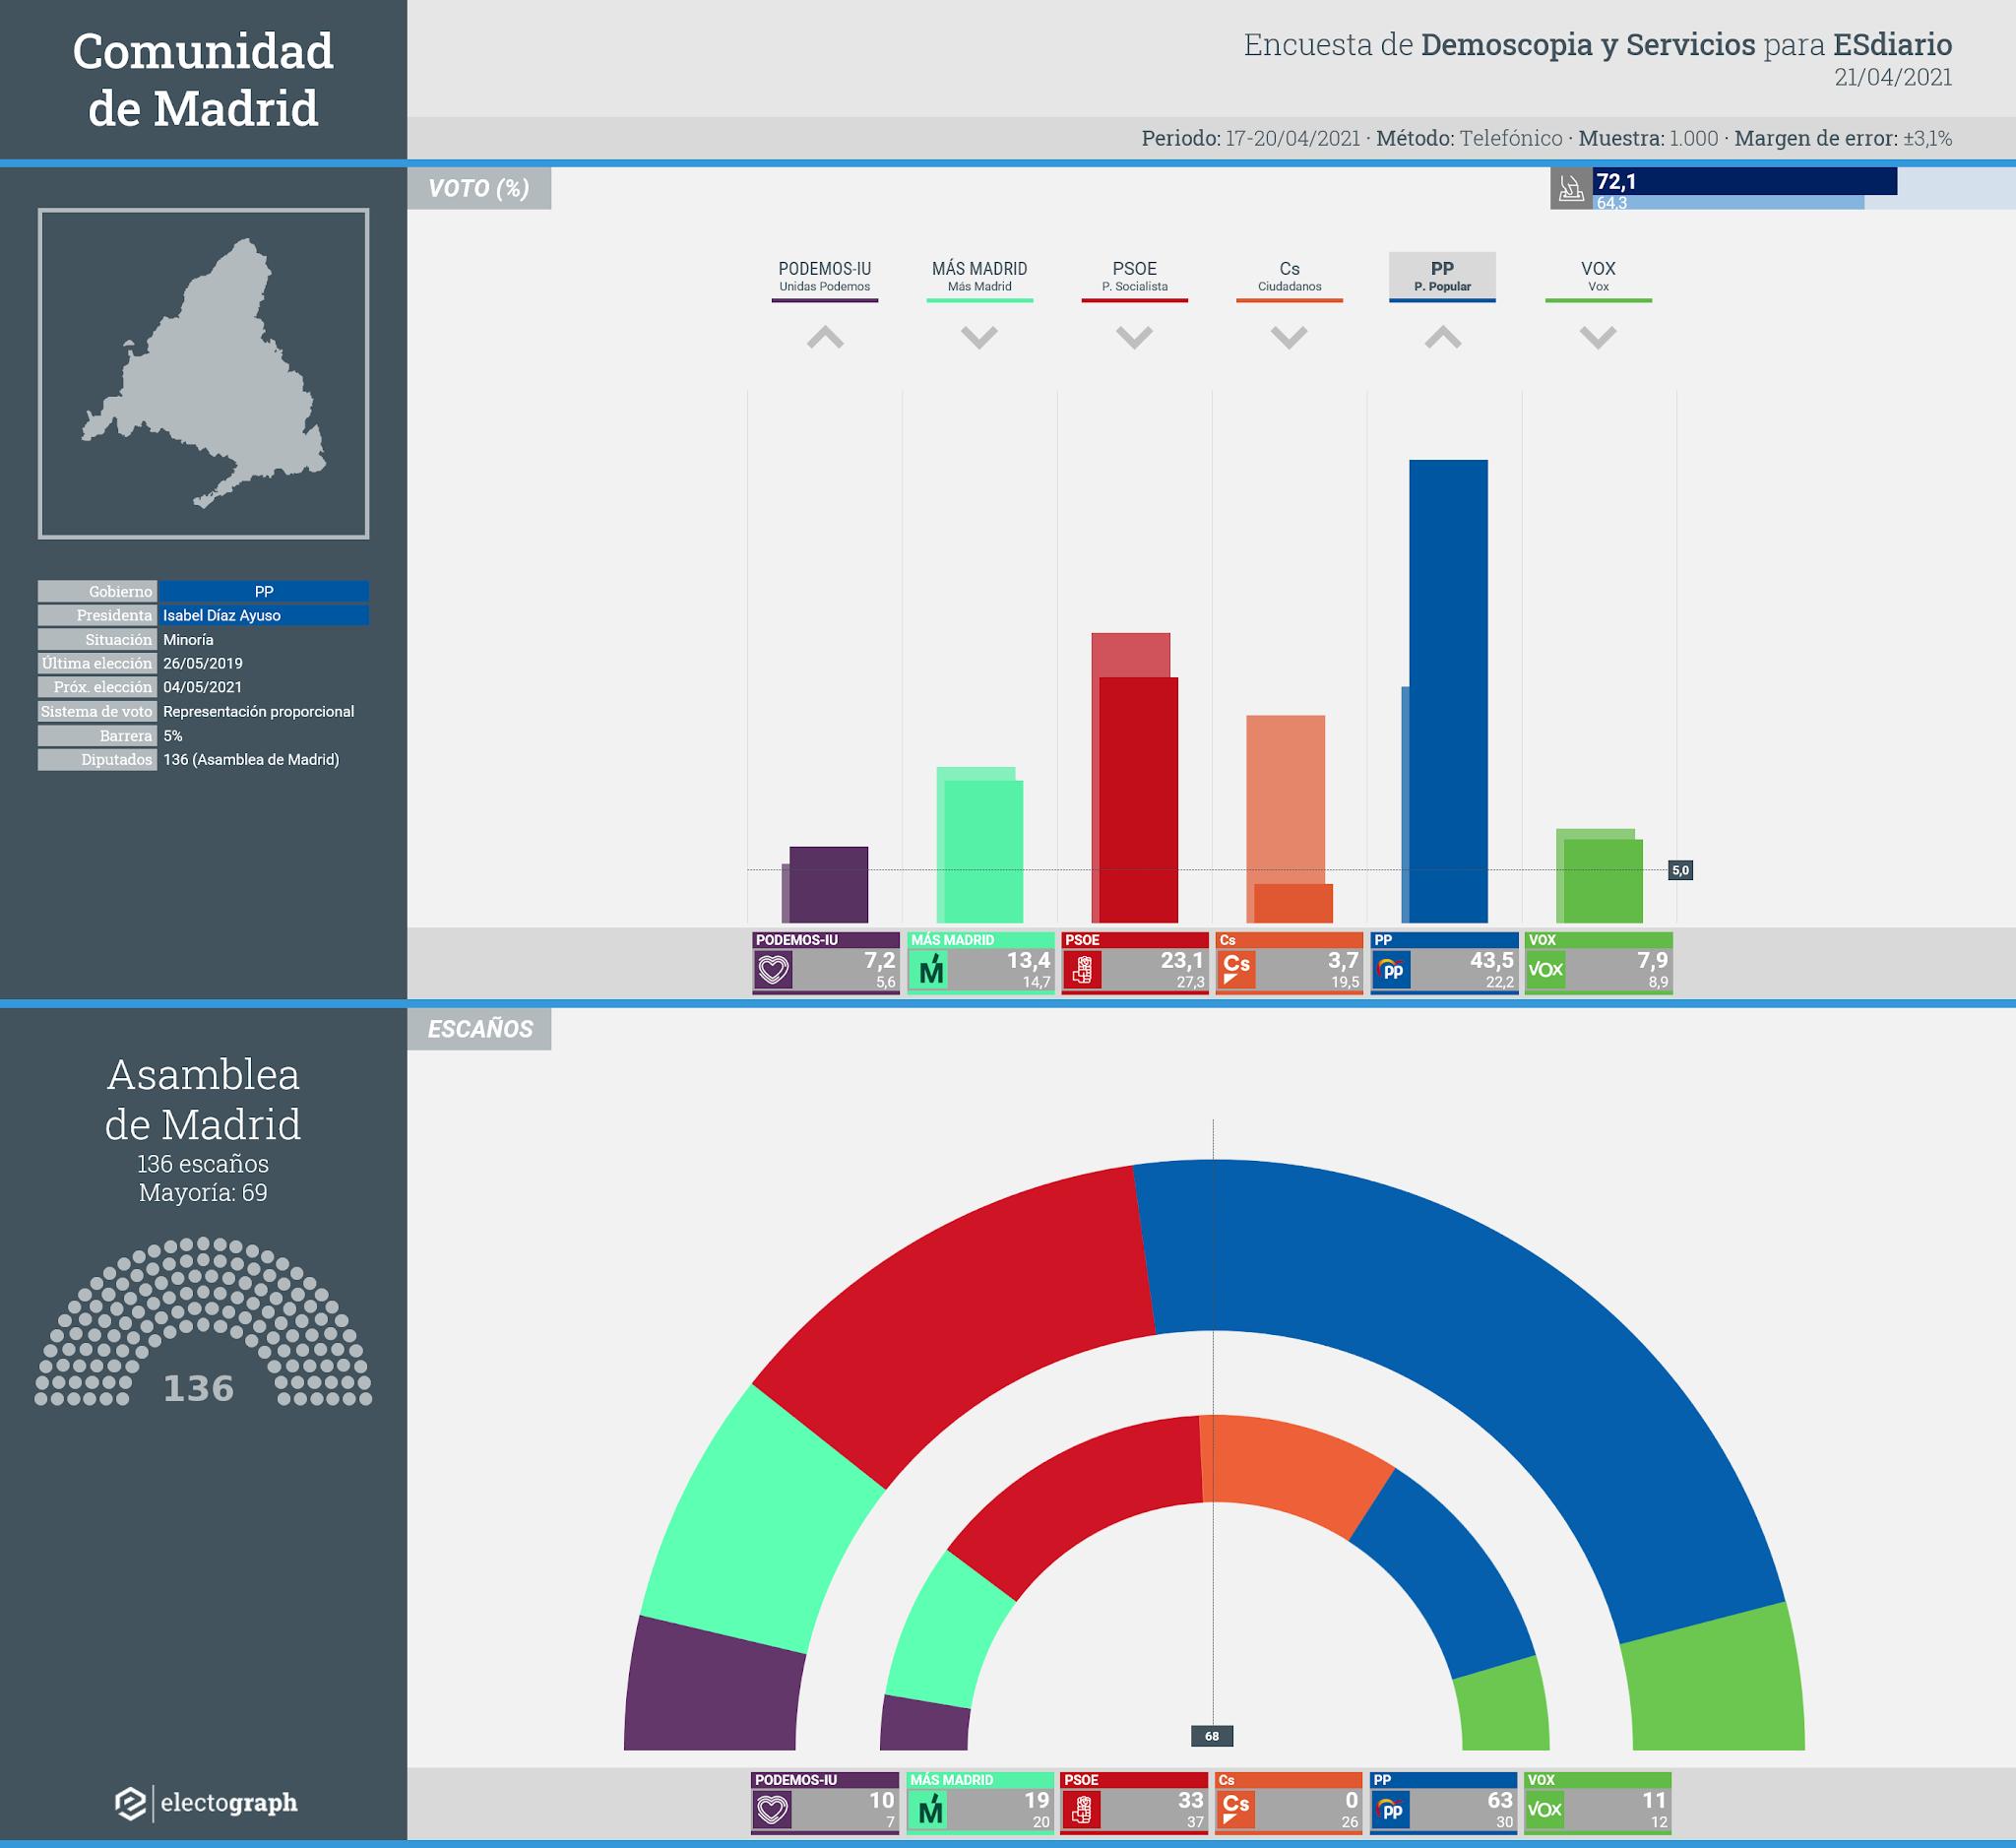 Gráfico de la encuesta para elecciones autonómicas en la Comunidad de Madrid realizada por Demoscopia y Servicios para ESdiario, 21 de abril de 2021